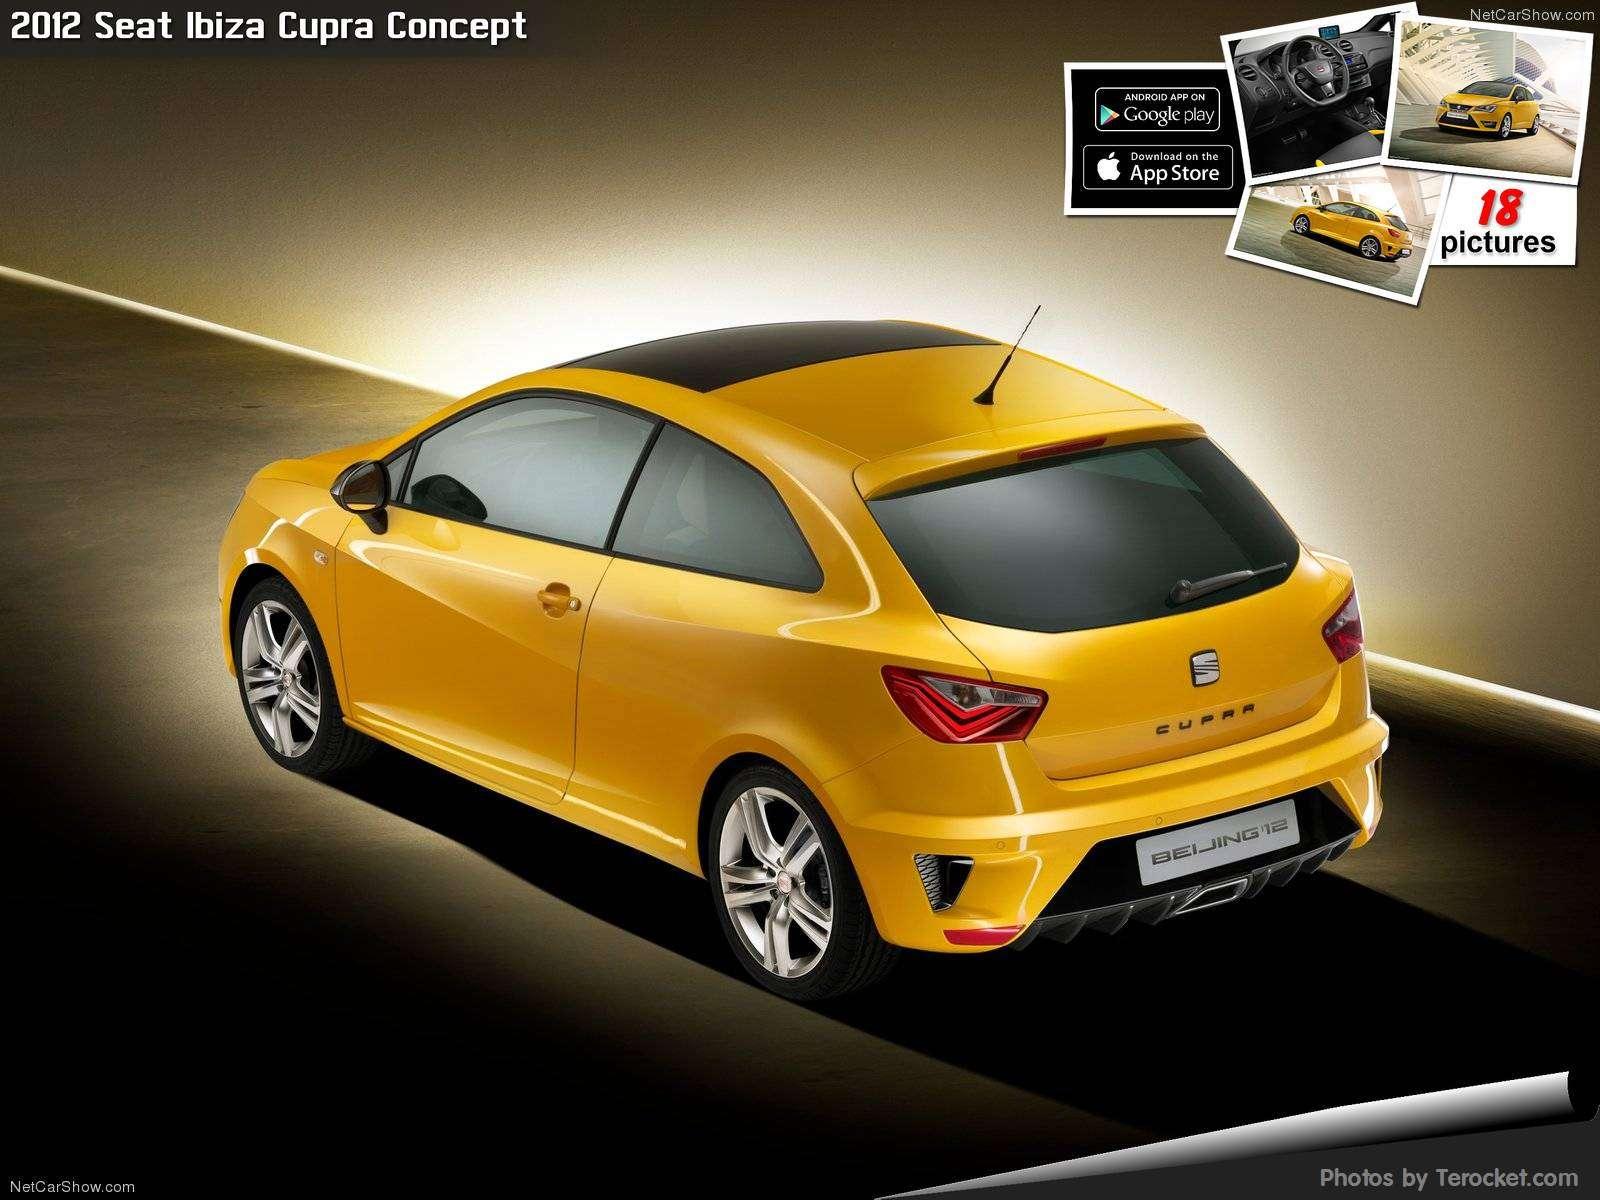 Hình ảnh xe ô tô Seat Ibiza Cupra Concept 2012 & nội ngoại thất